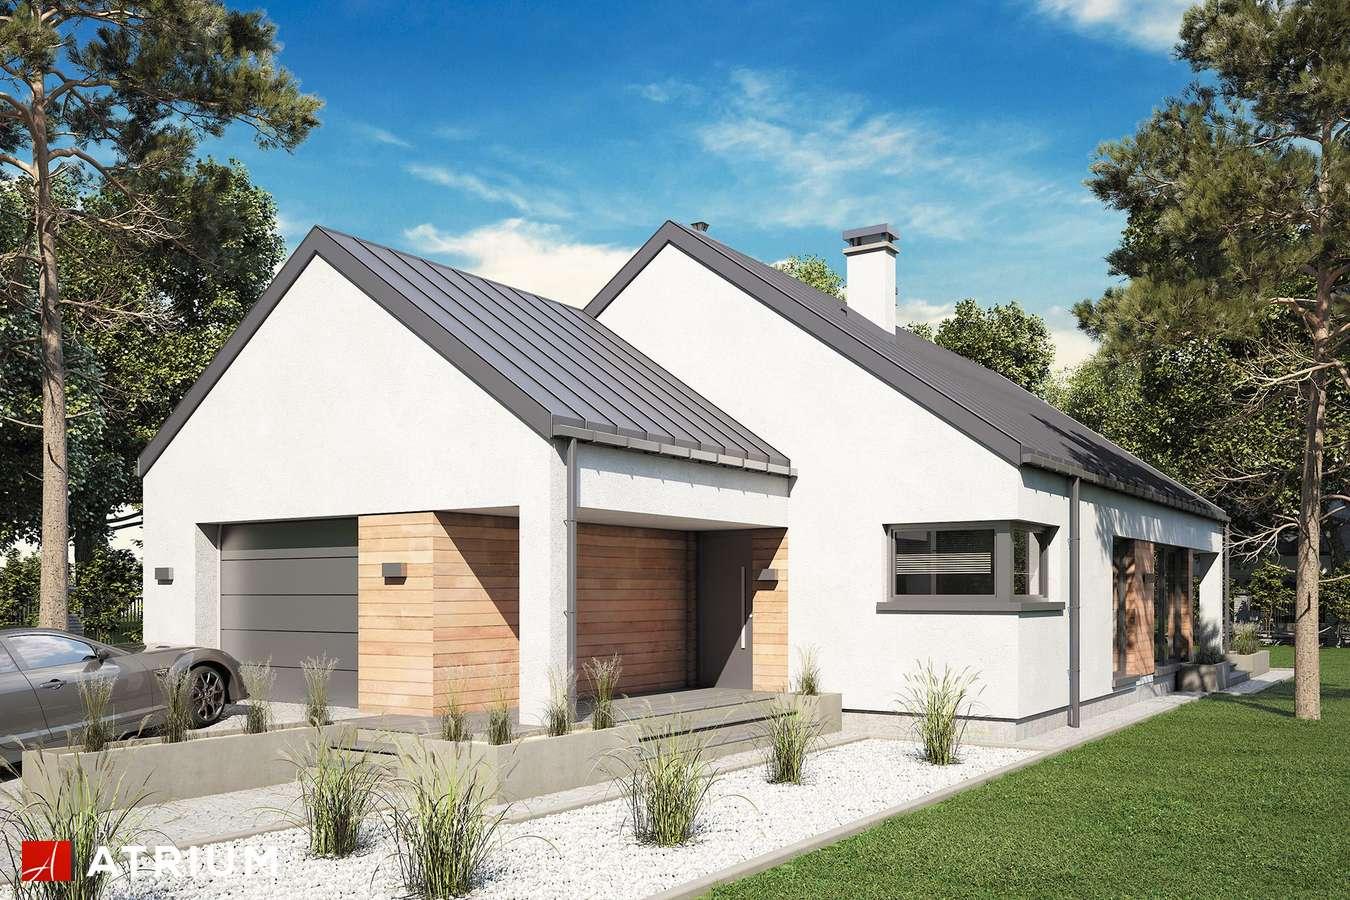 Projekty domów - Projekt domu parterowego PELIKAN SLIM VI - wizualizacja 1 - wersja lustrzana